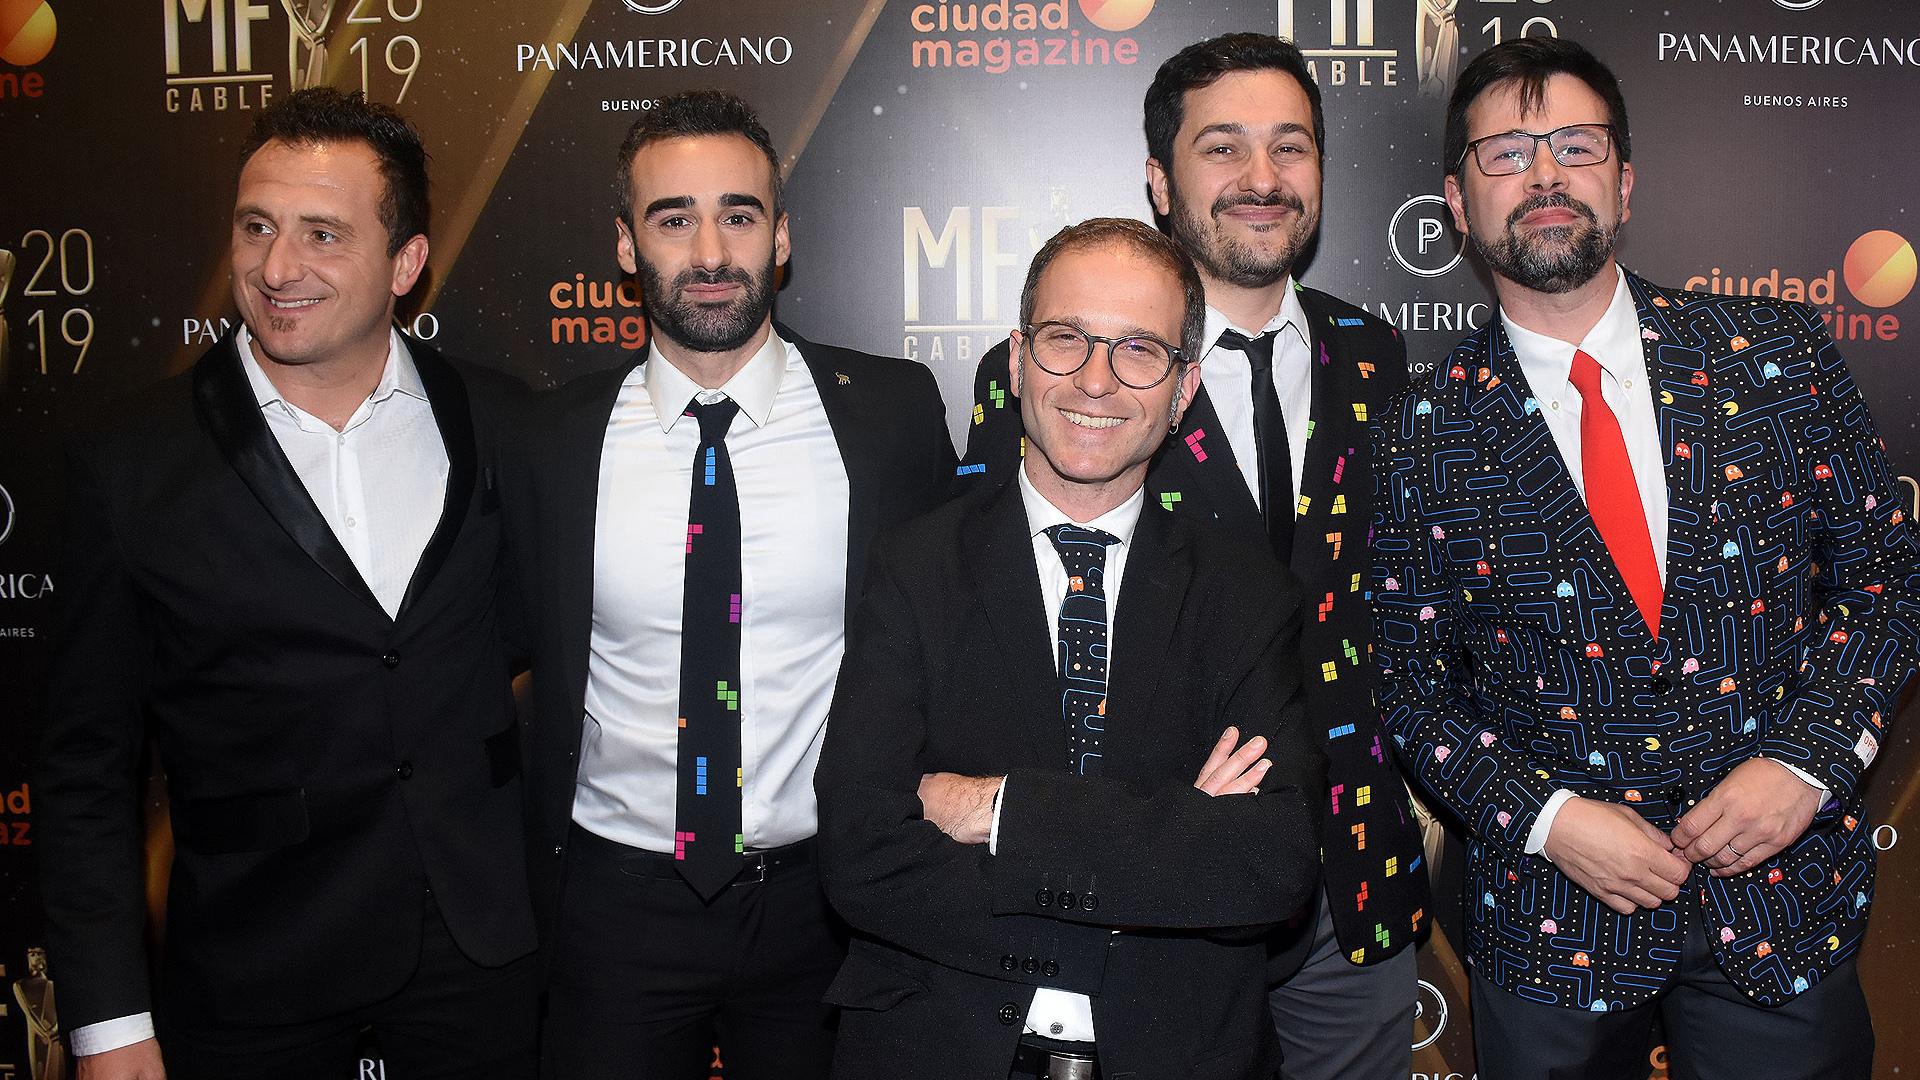 """Pablo Gravellone se sumó a los integrantes de """"TN Tecno"""": Gustavo Baabour, Federico Wiemeyer, Alejo Zagalsky y Santi Dorrego"""